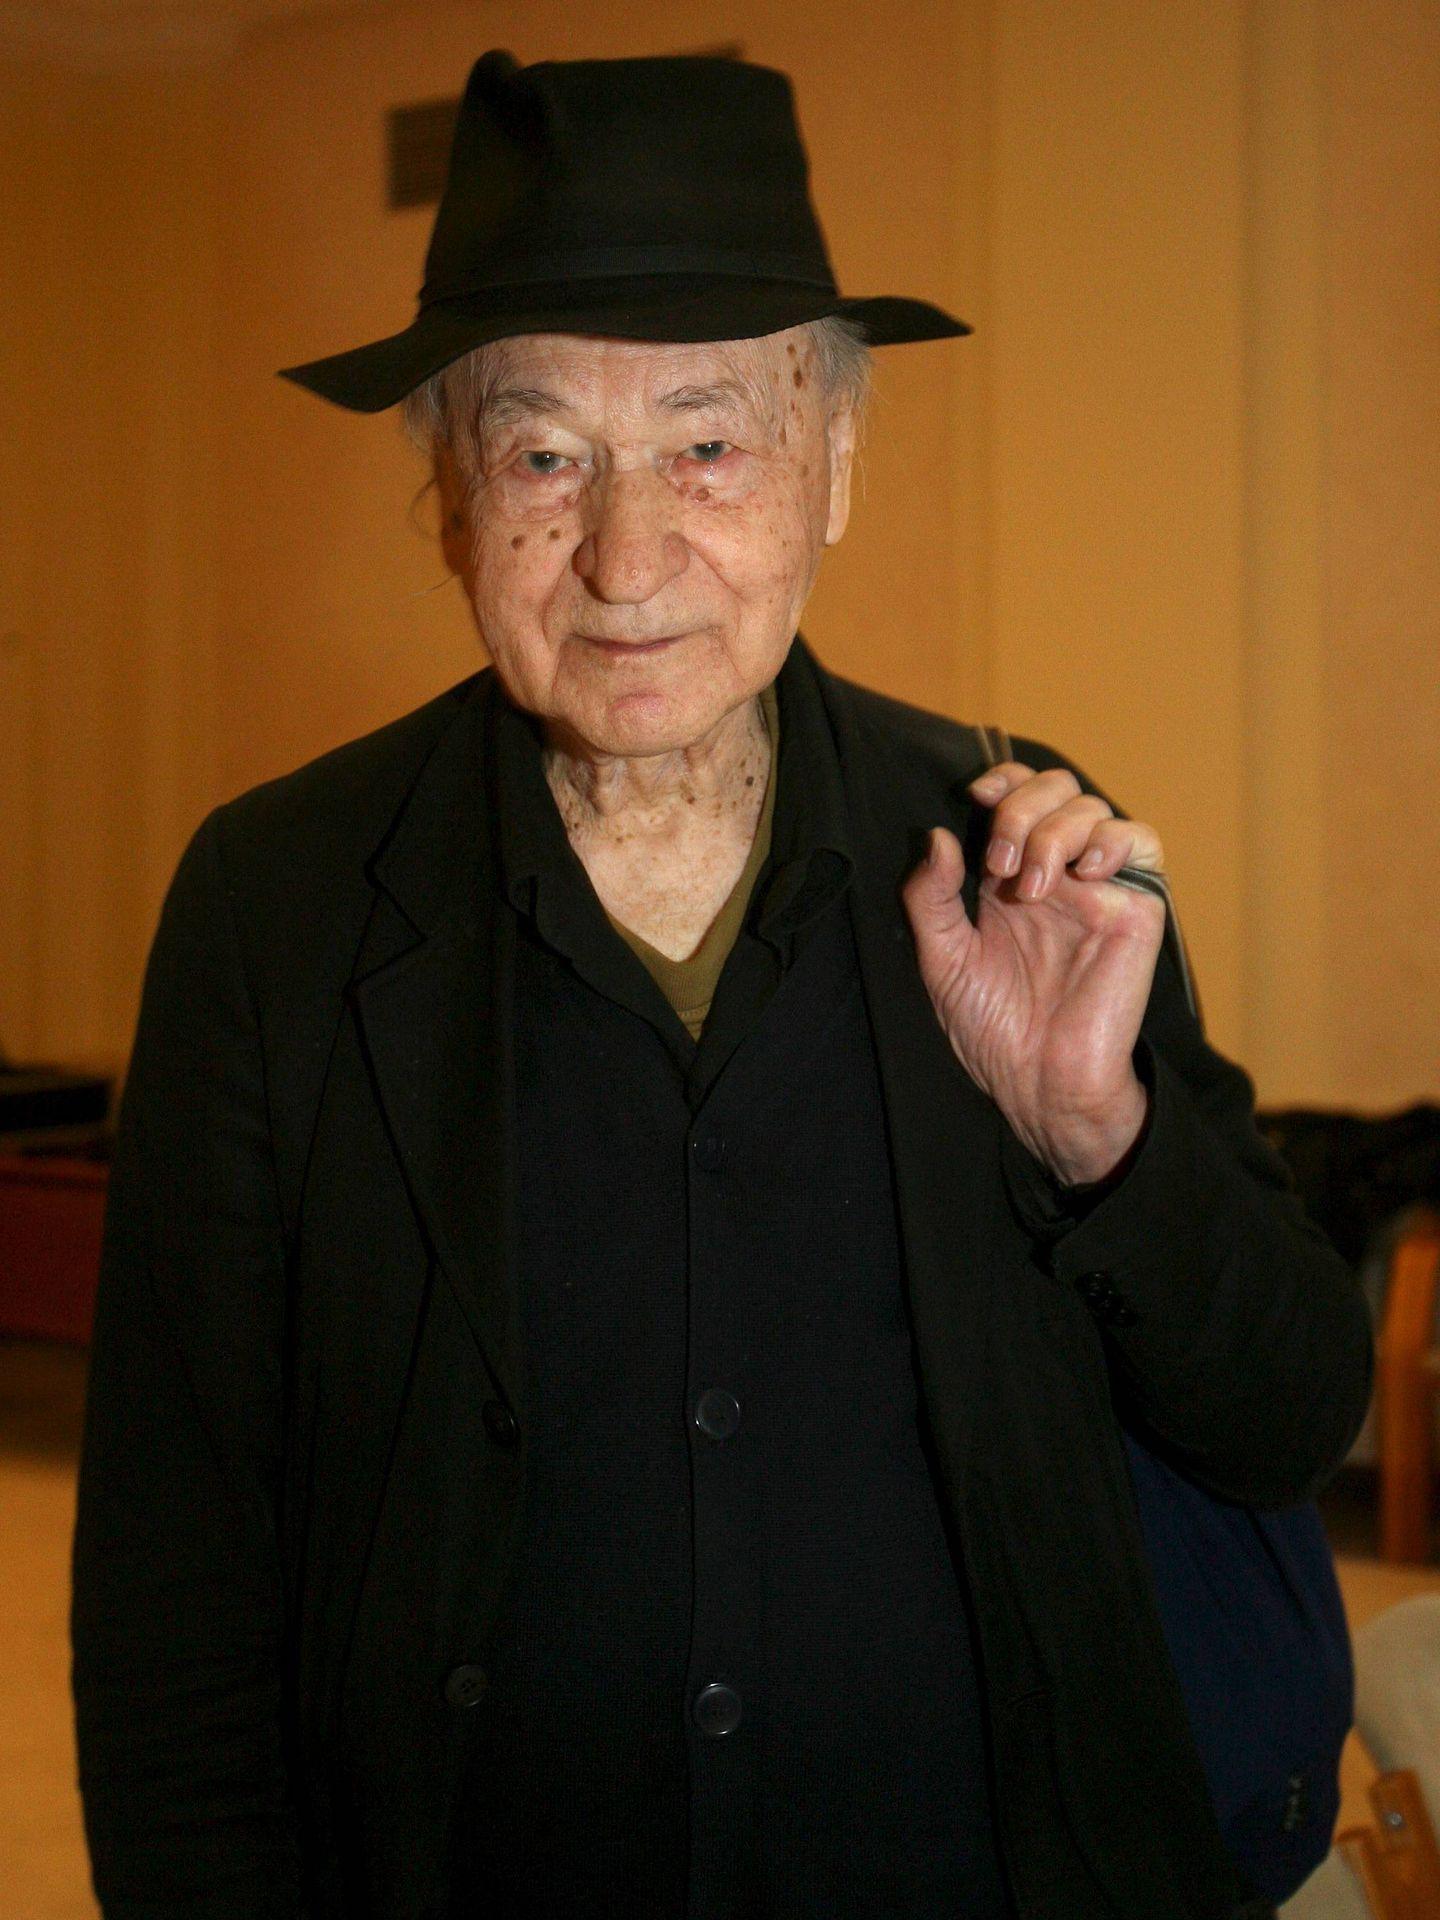 El director en una foto de 2010. (Efe)